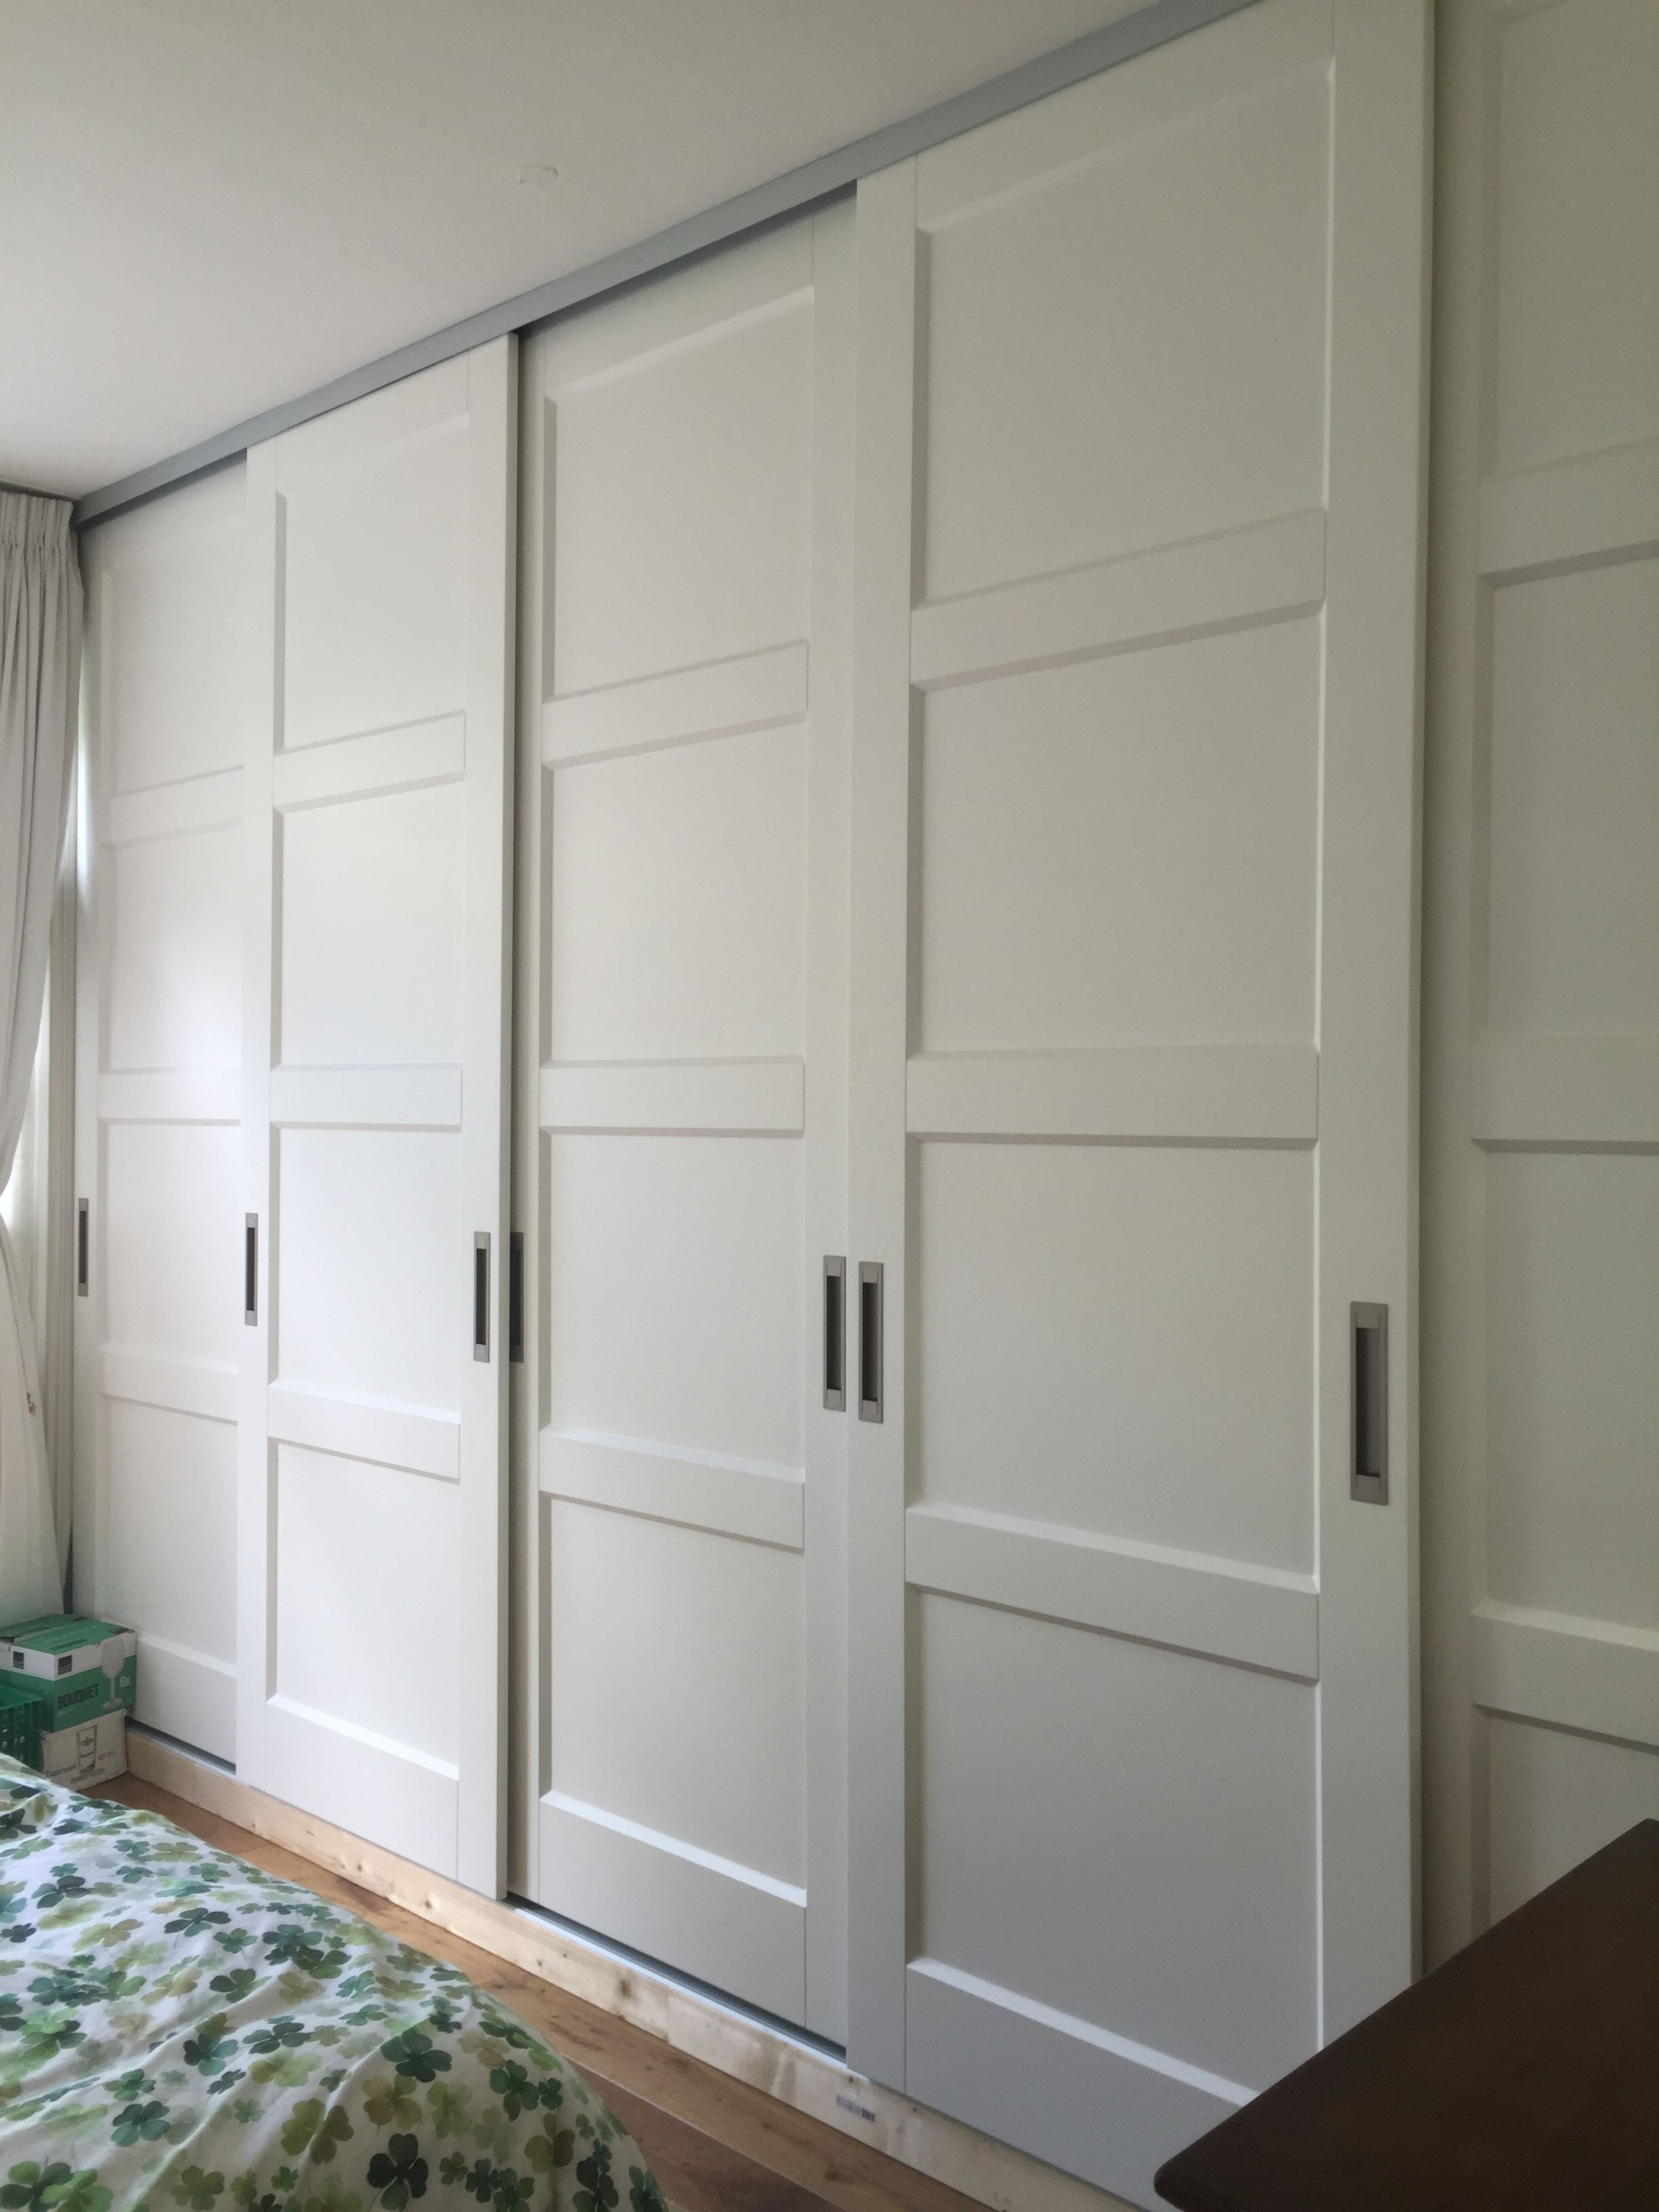 Master Bedroom Closet Doors Bedroom Built In Wardrobe Master Bedroom Closet Bedroom Closet Doors